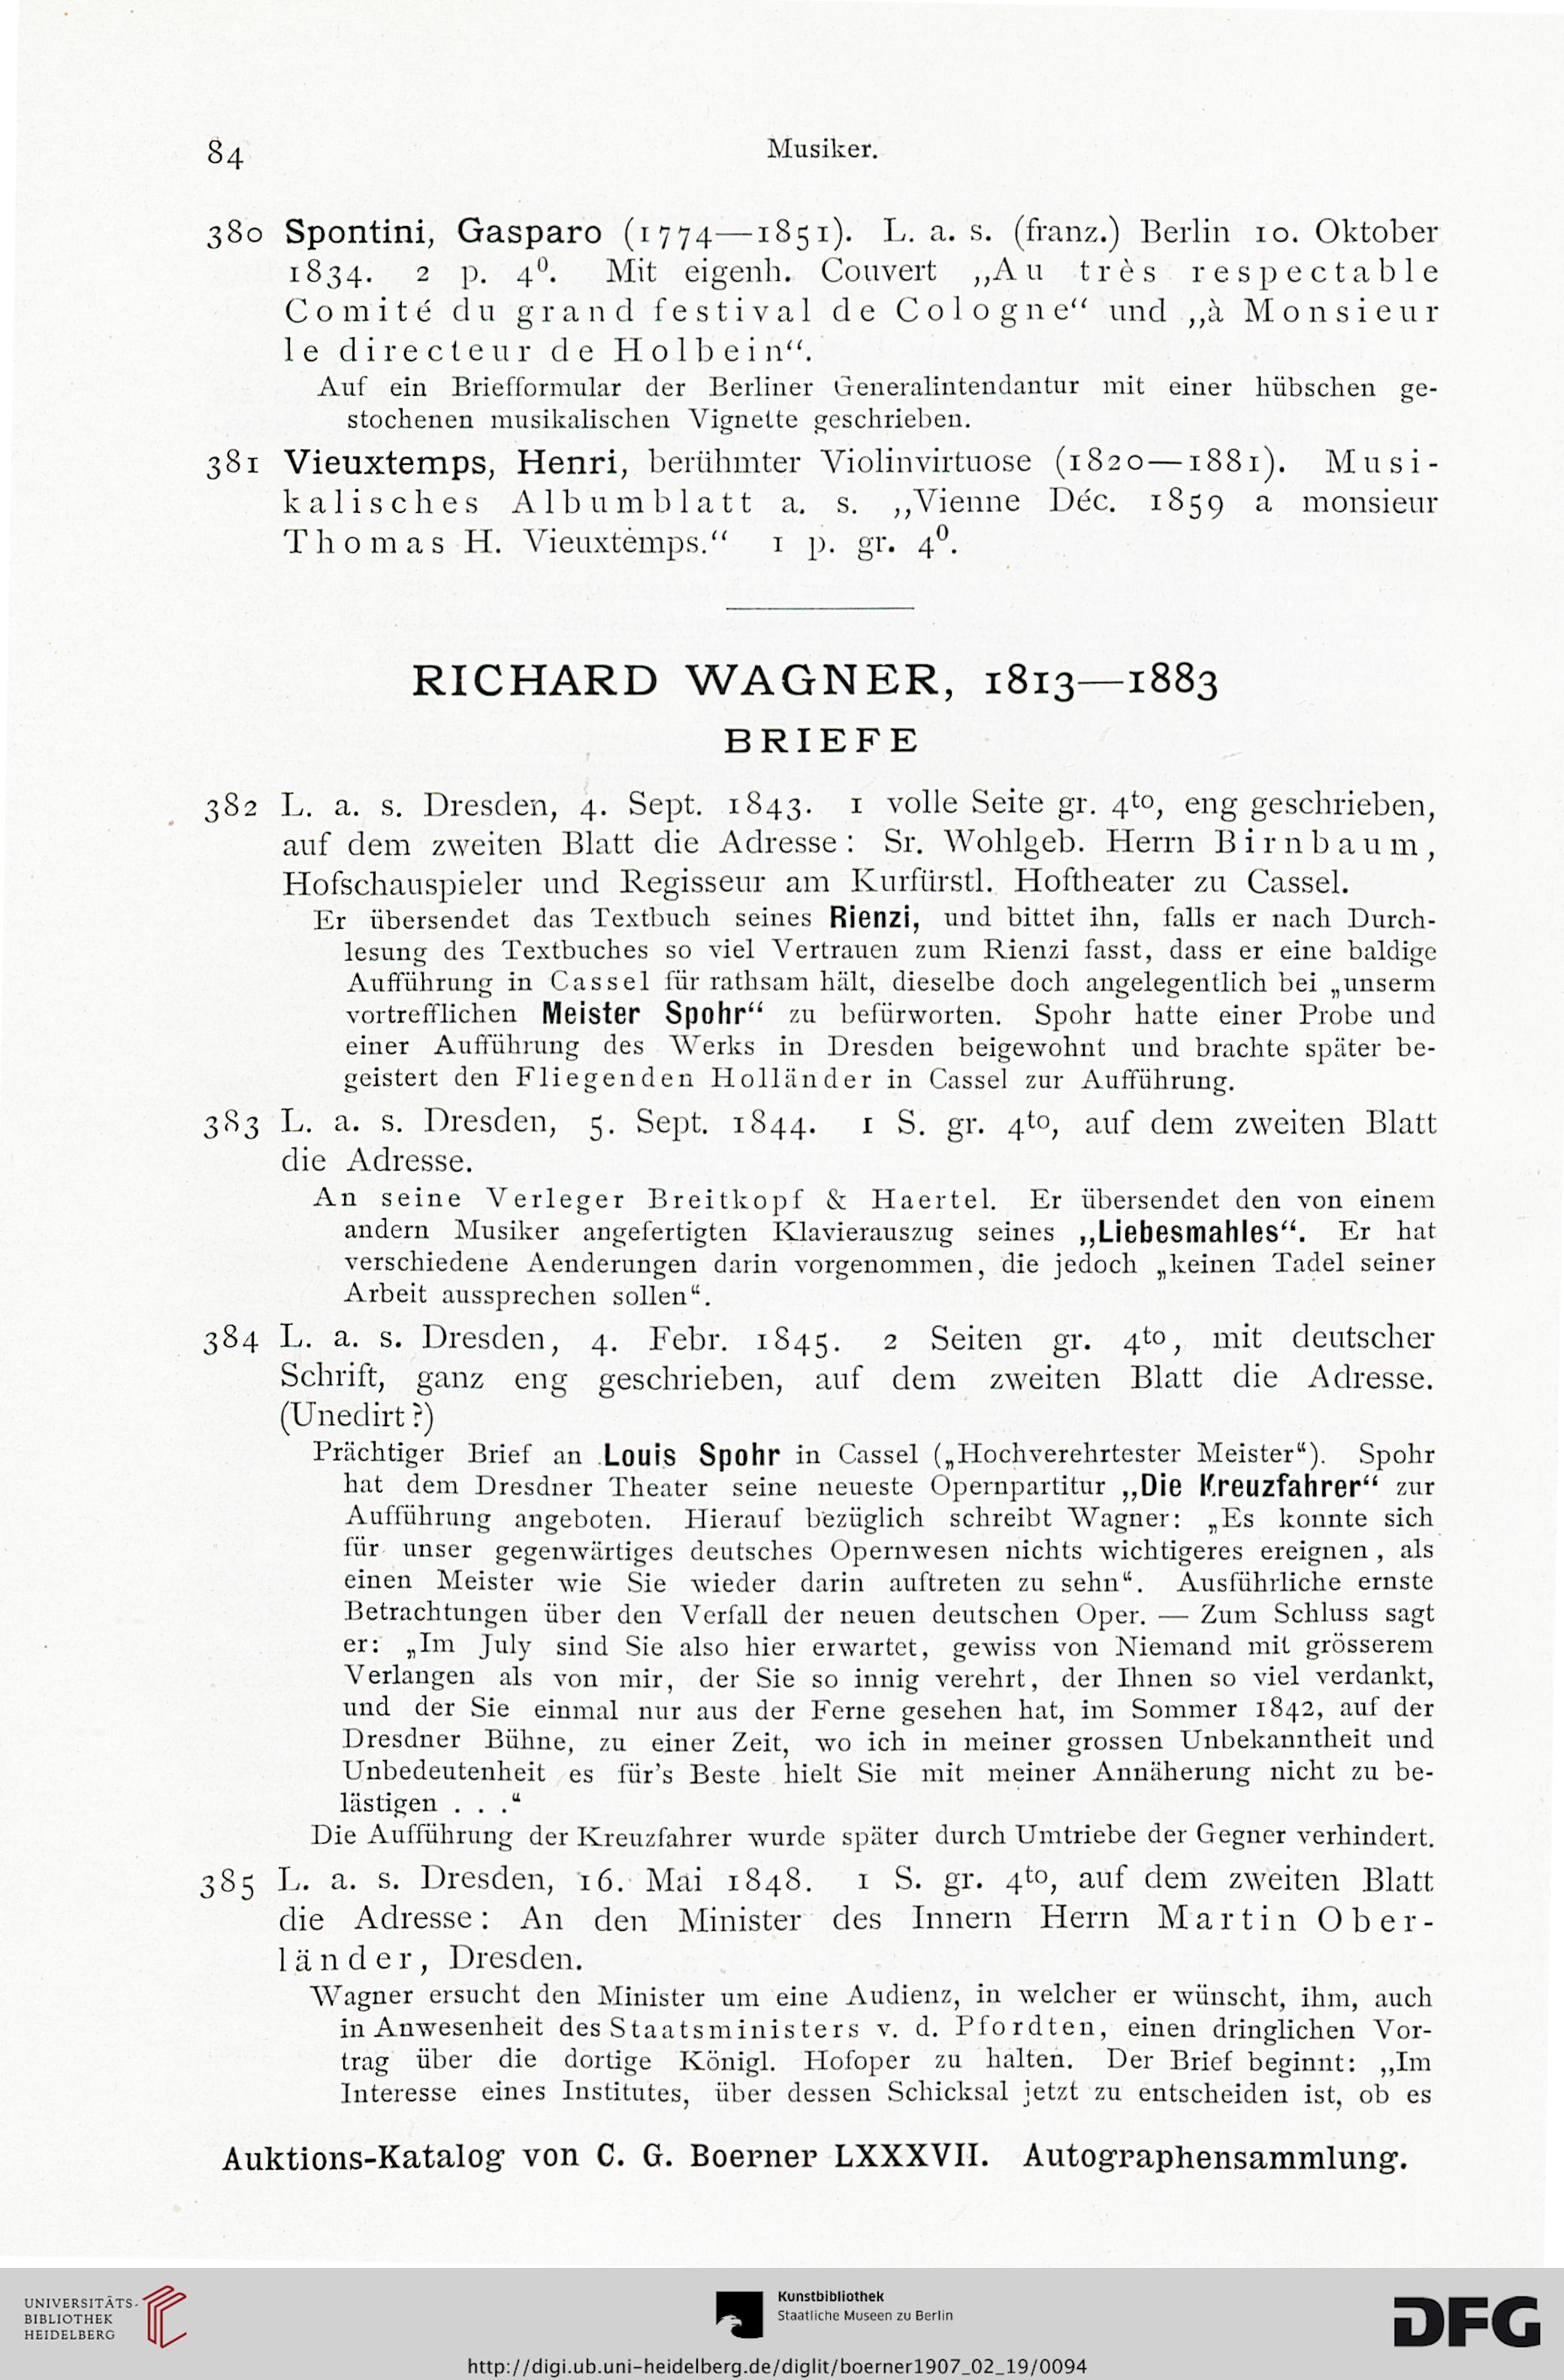 C G Boerner Auktions Institut Kunst Und Buchantiquariat